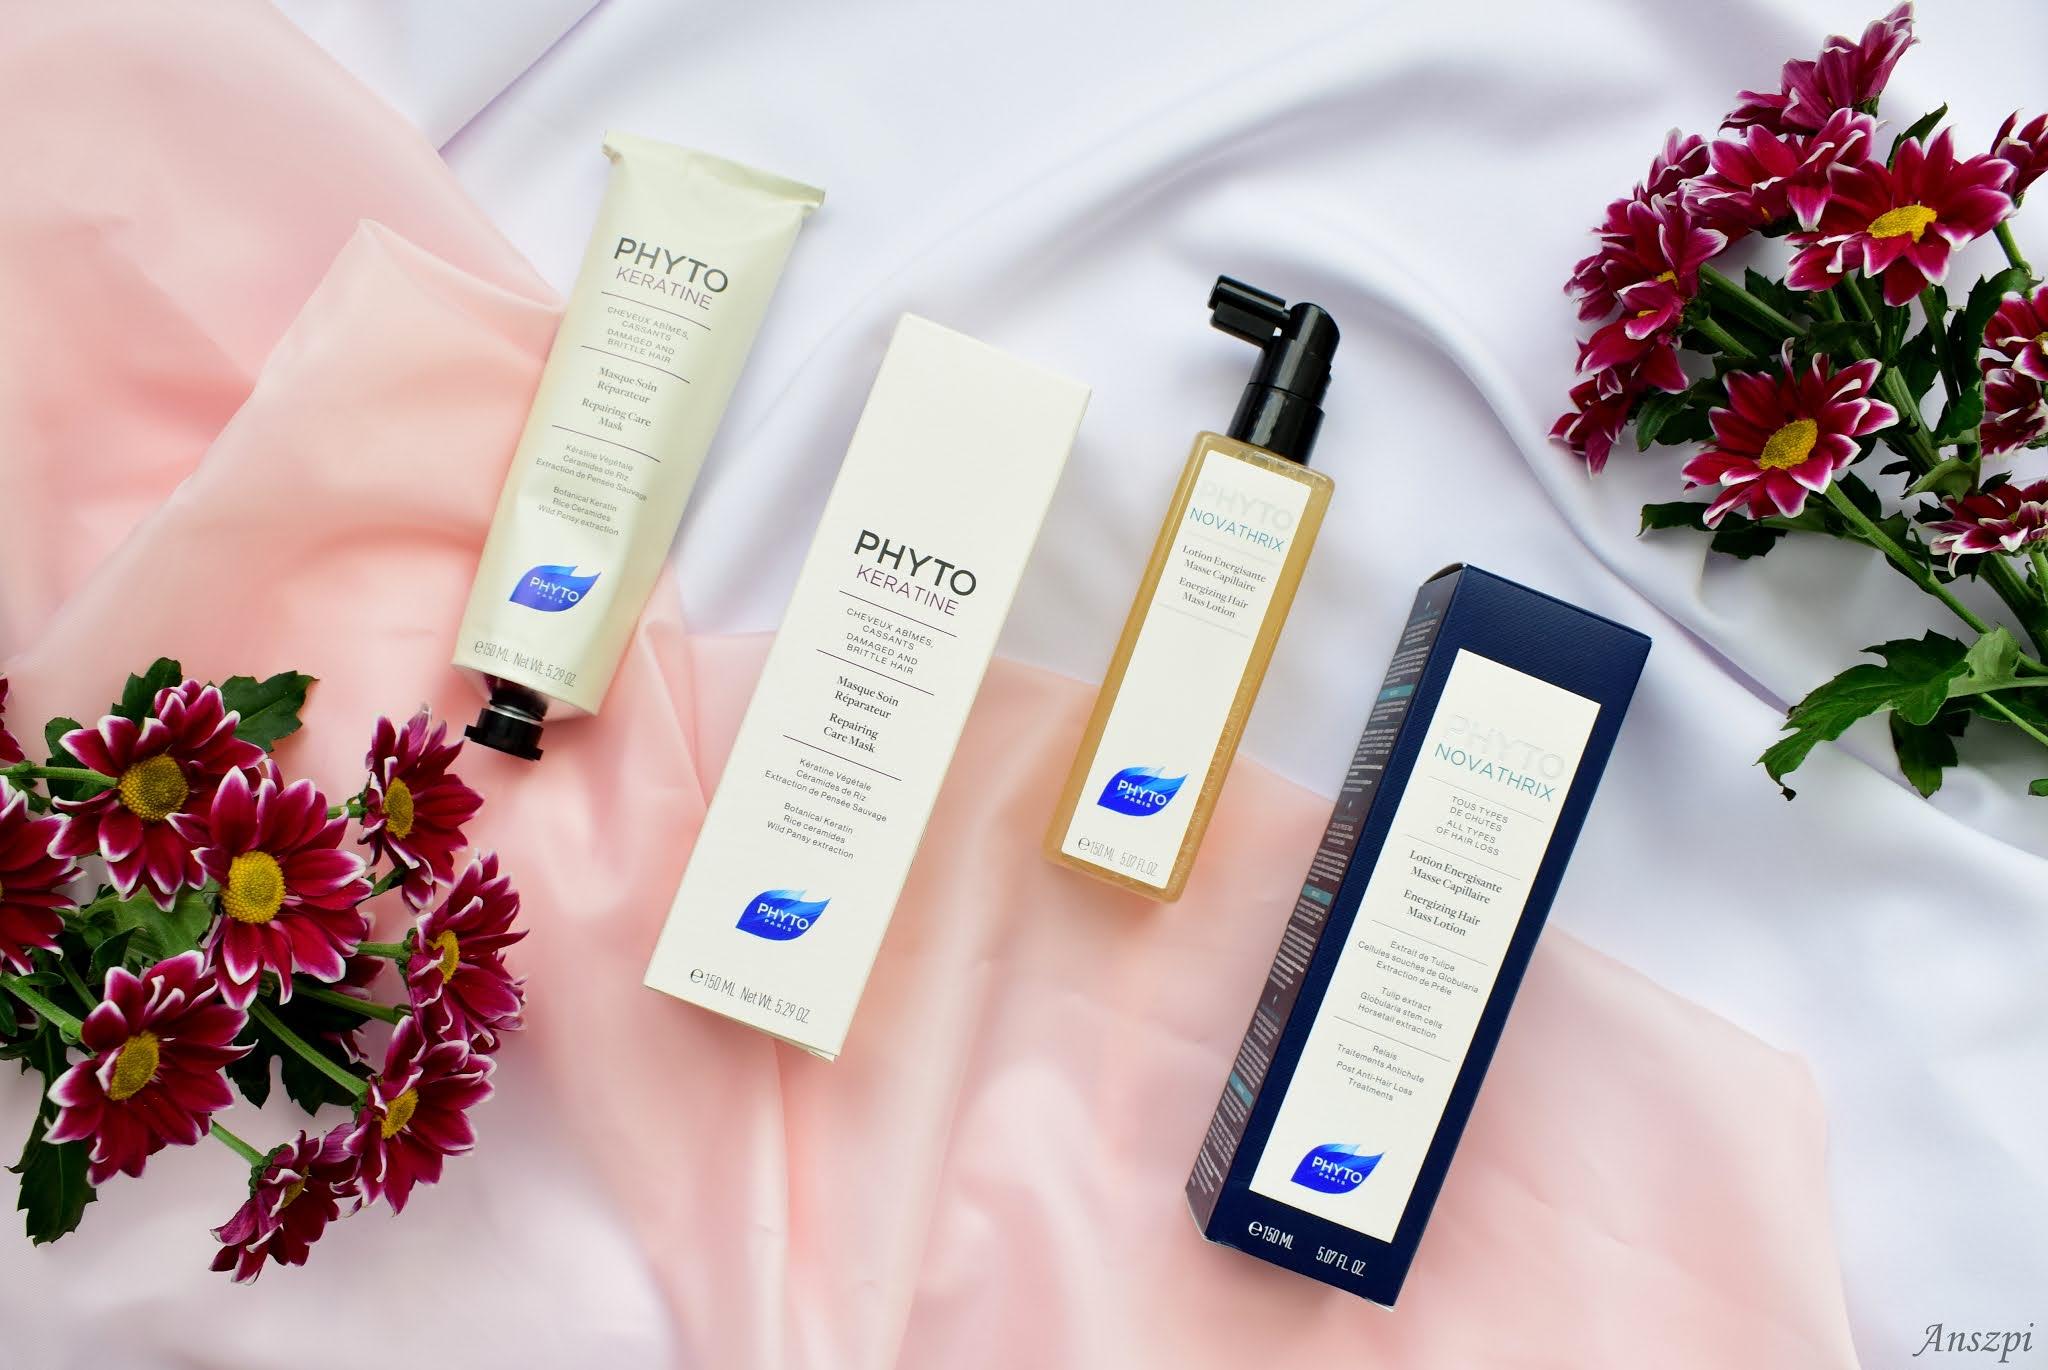 kosmetyki phyto do pielęgnacji włosów